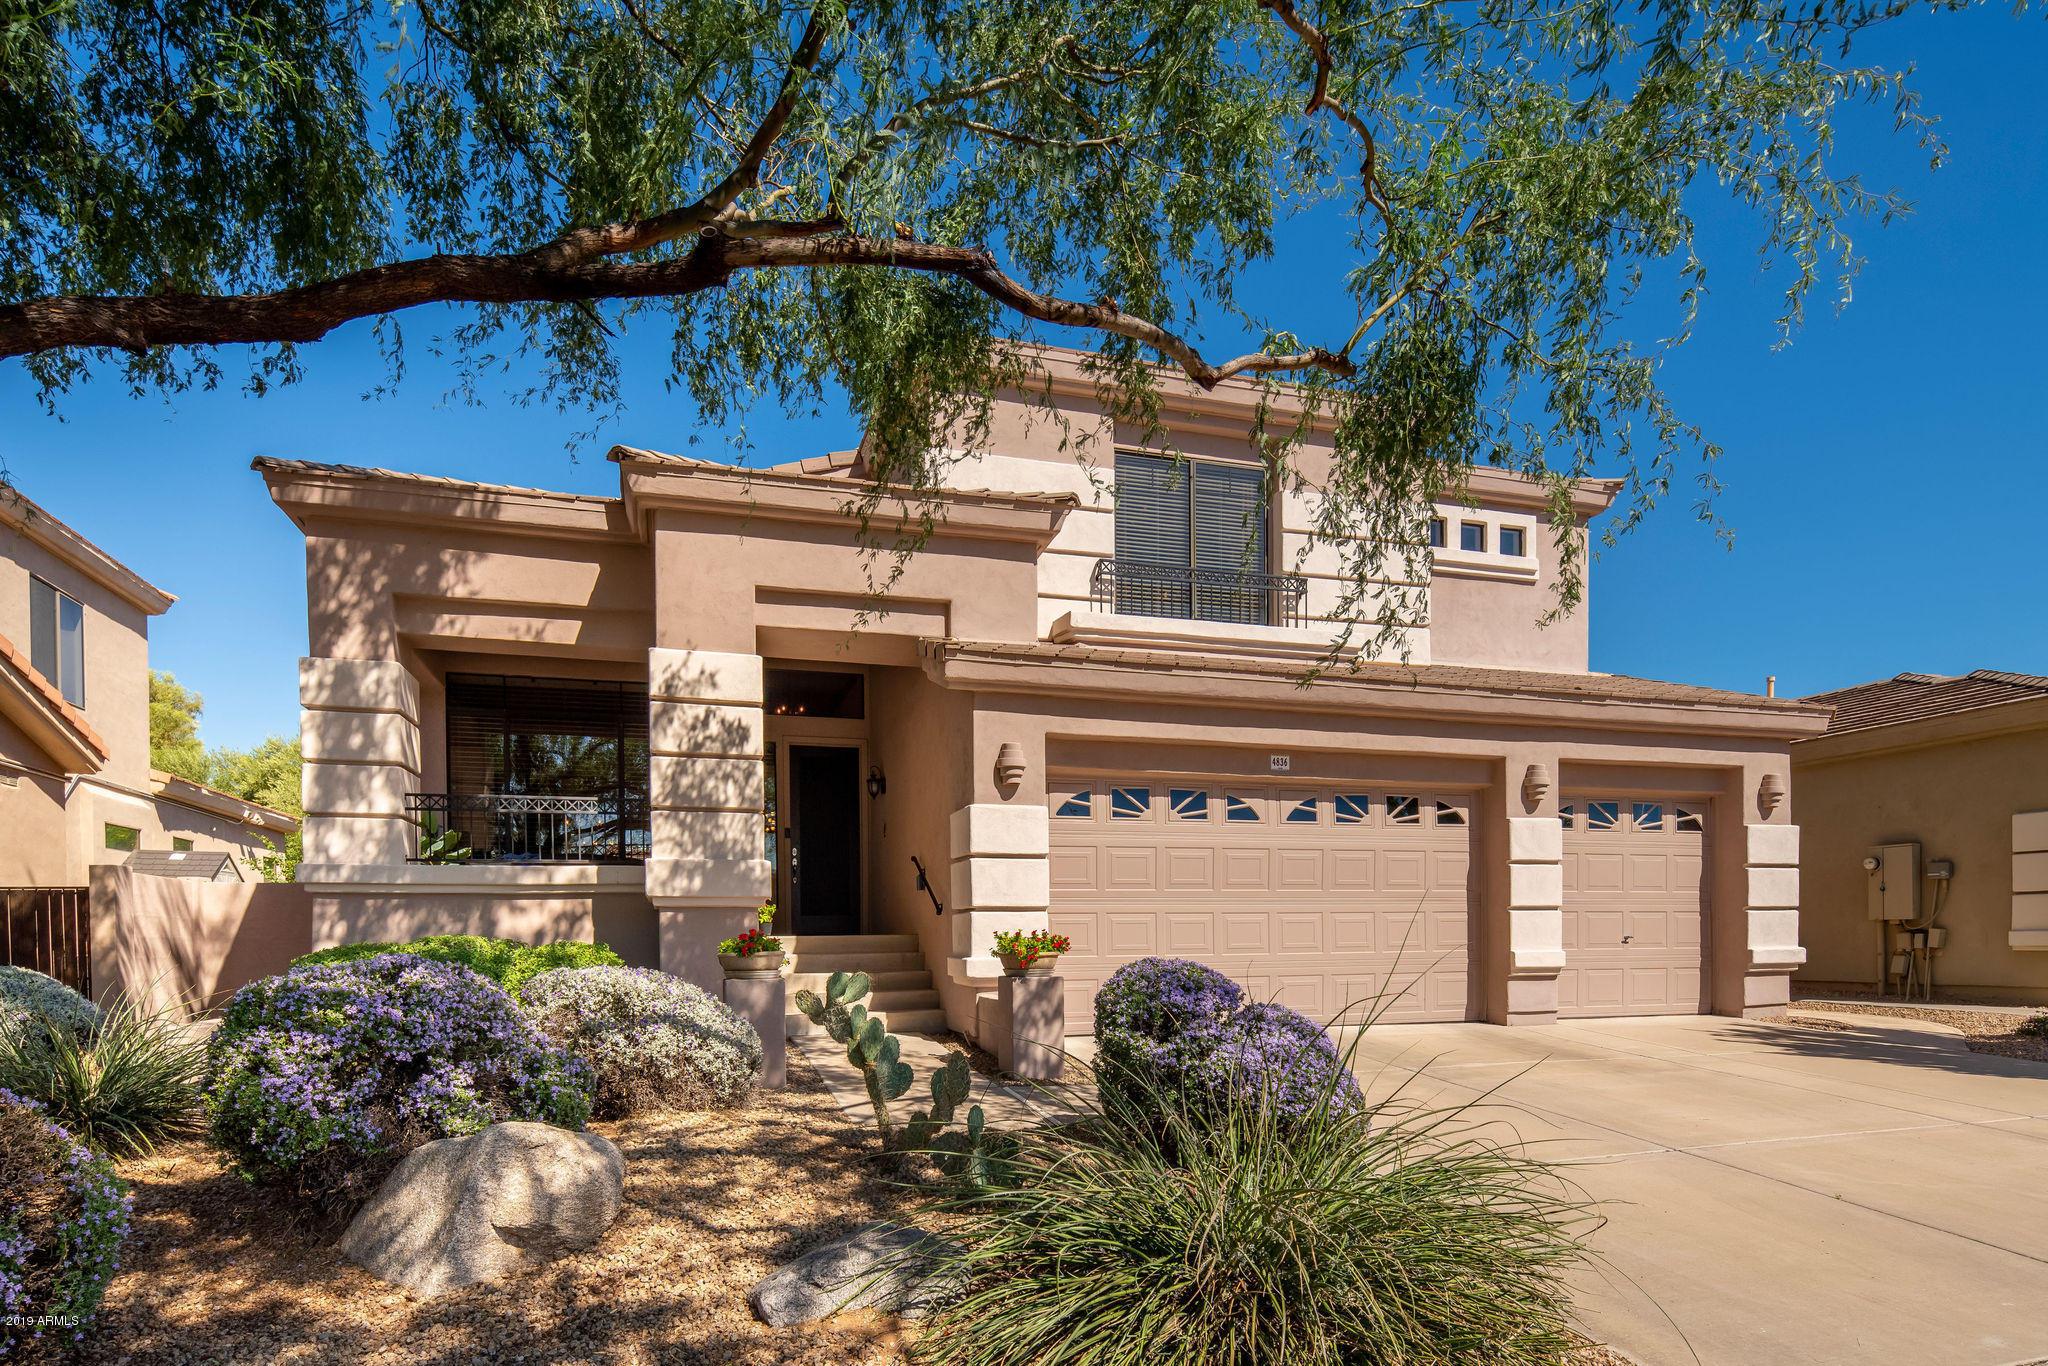 Photo of 4836 E ESTEVAN Road, Phoenix, AZ 85054